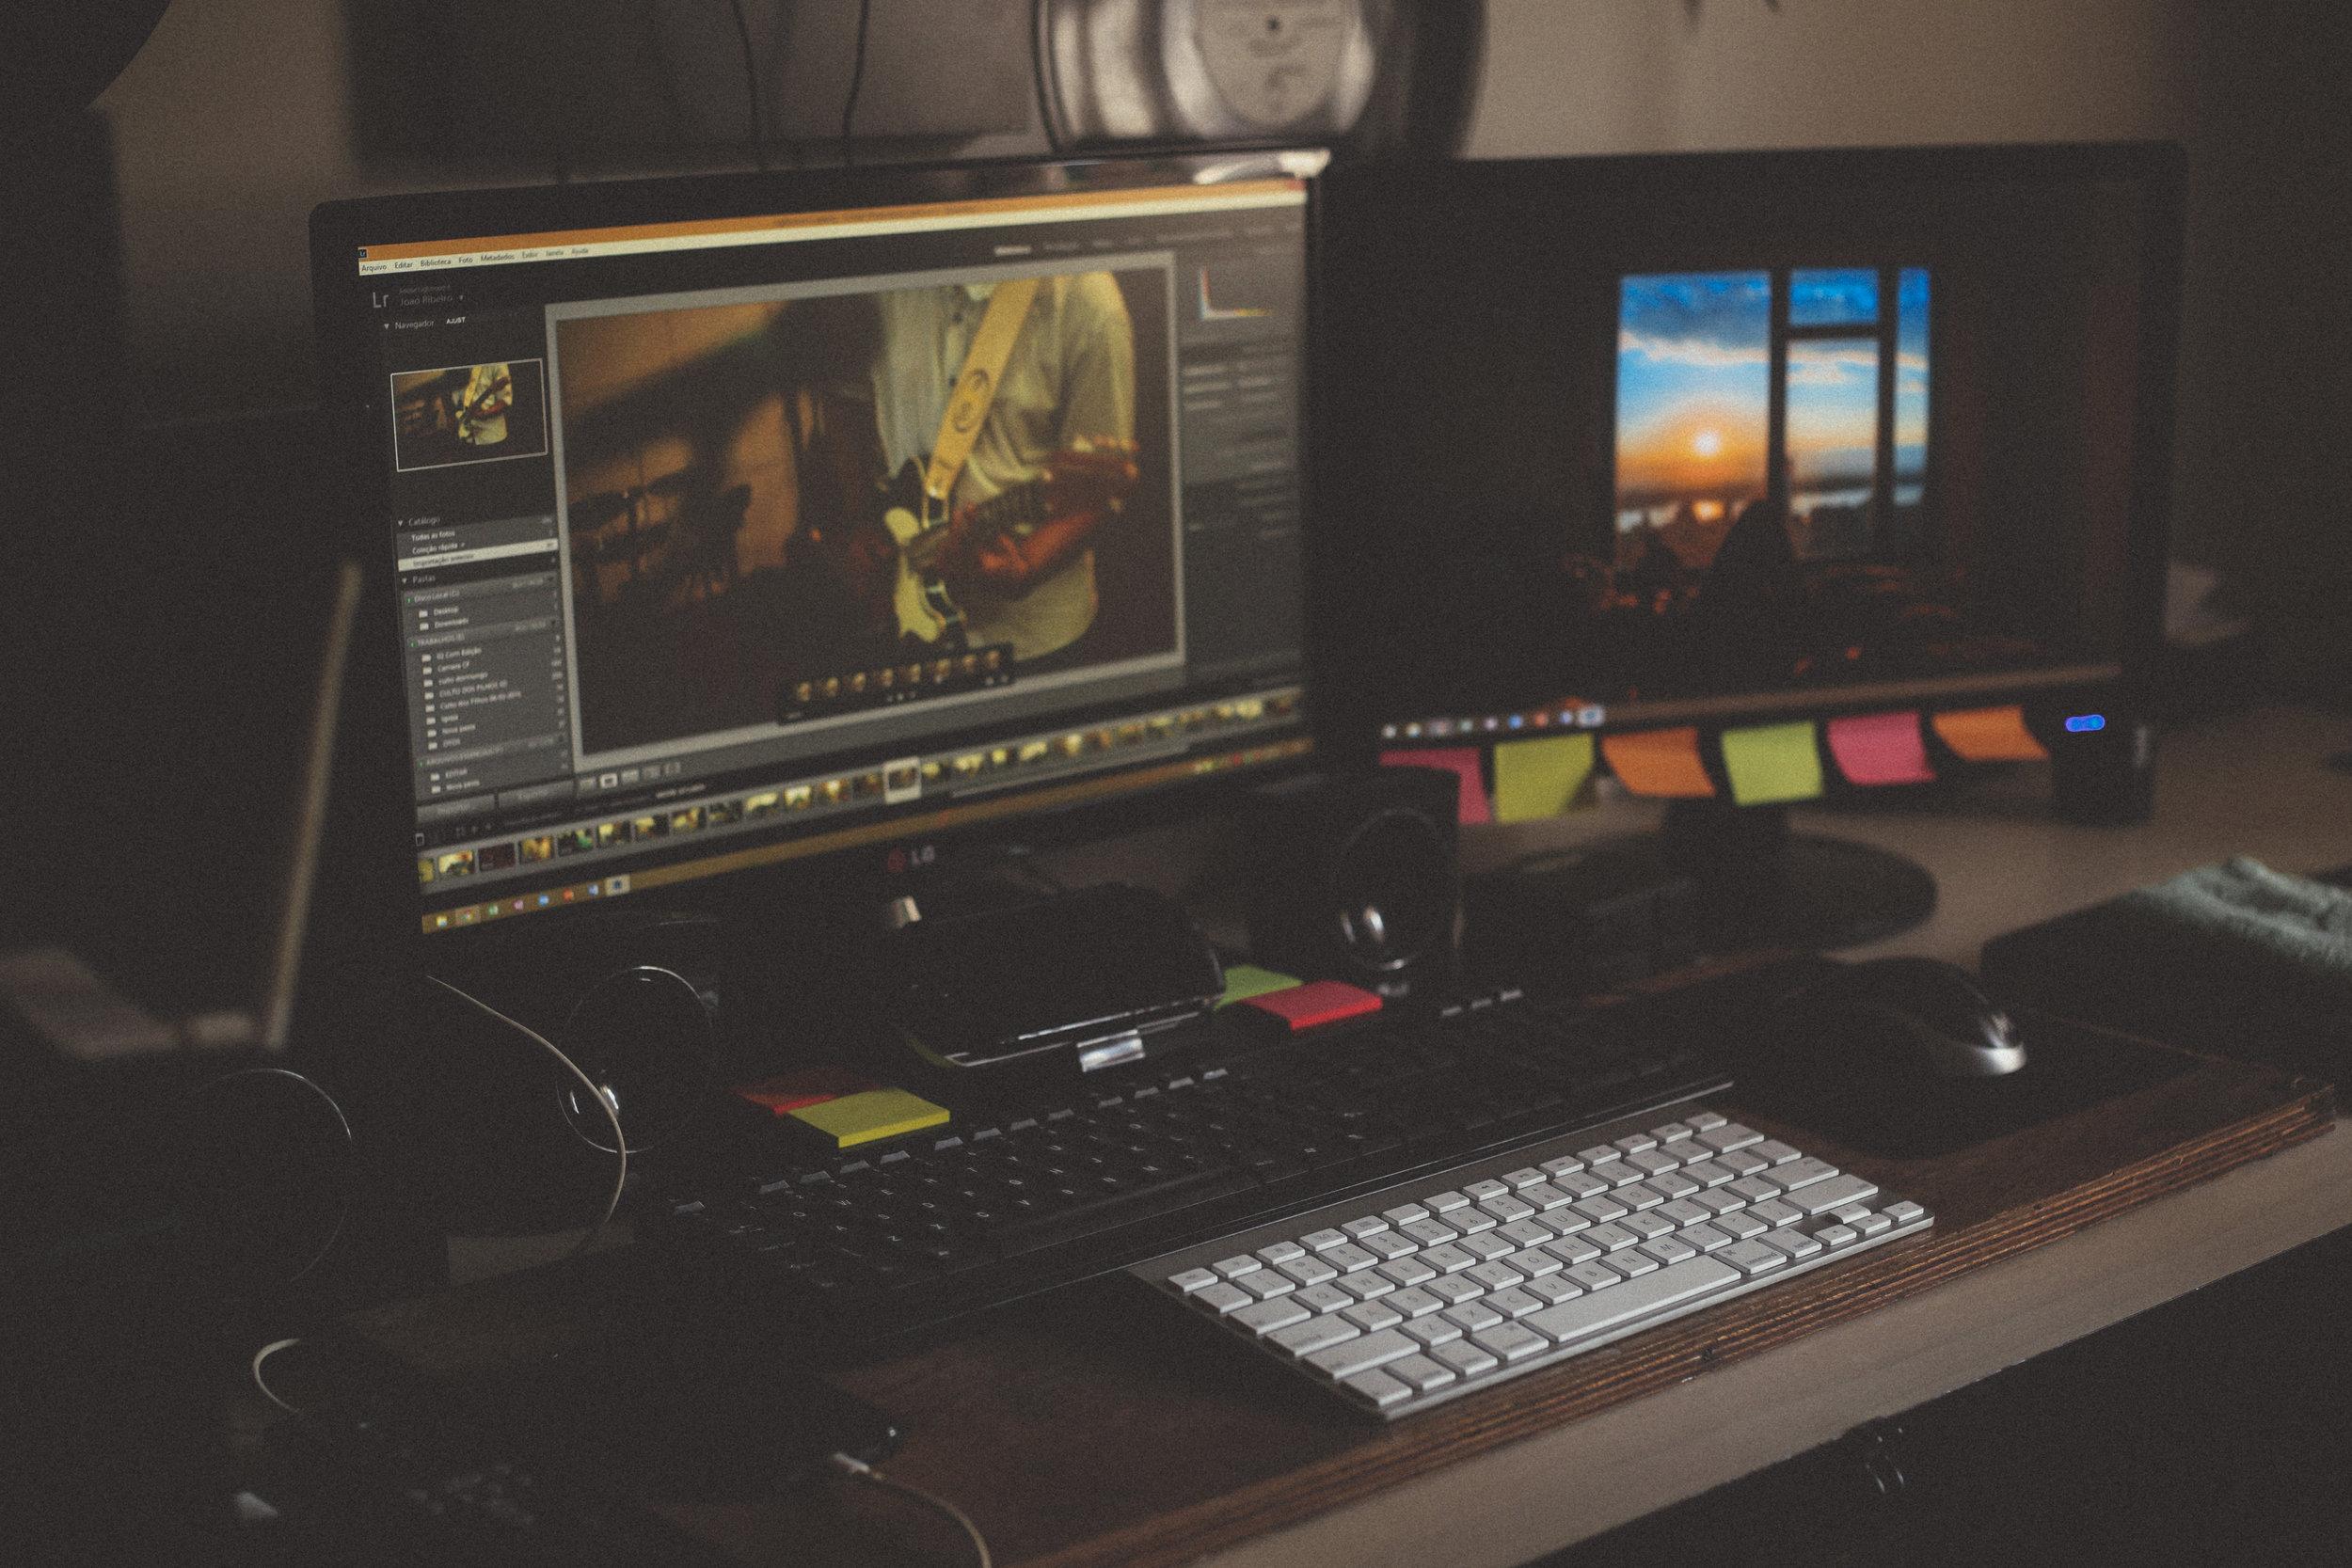 Gestion de projet en communication - Pendant que vous créez... Nous gérons le bureau.Une prise en charge complète des tâches de communication par une équipe d'alliés prêt à faire de votre projet une réalisation à votre image :- Élaboration complète des plans de communication (annuels, par projets) ;- Coordination des séances photo et des tournages ;- Création du matériel promotionnel ;- Suivis auprès des diffuseurs ;- Rédaction et création de contenu ;- Gestion des communautés web et réseaux sociaux ;- Création de sites web ;- Etc.